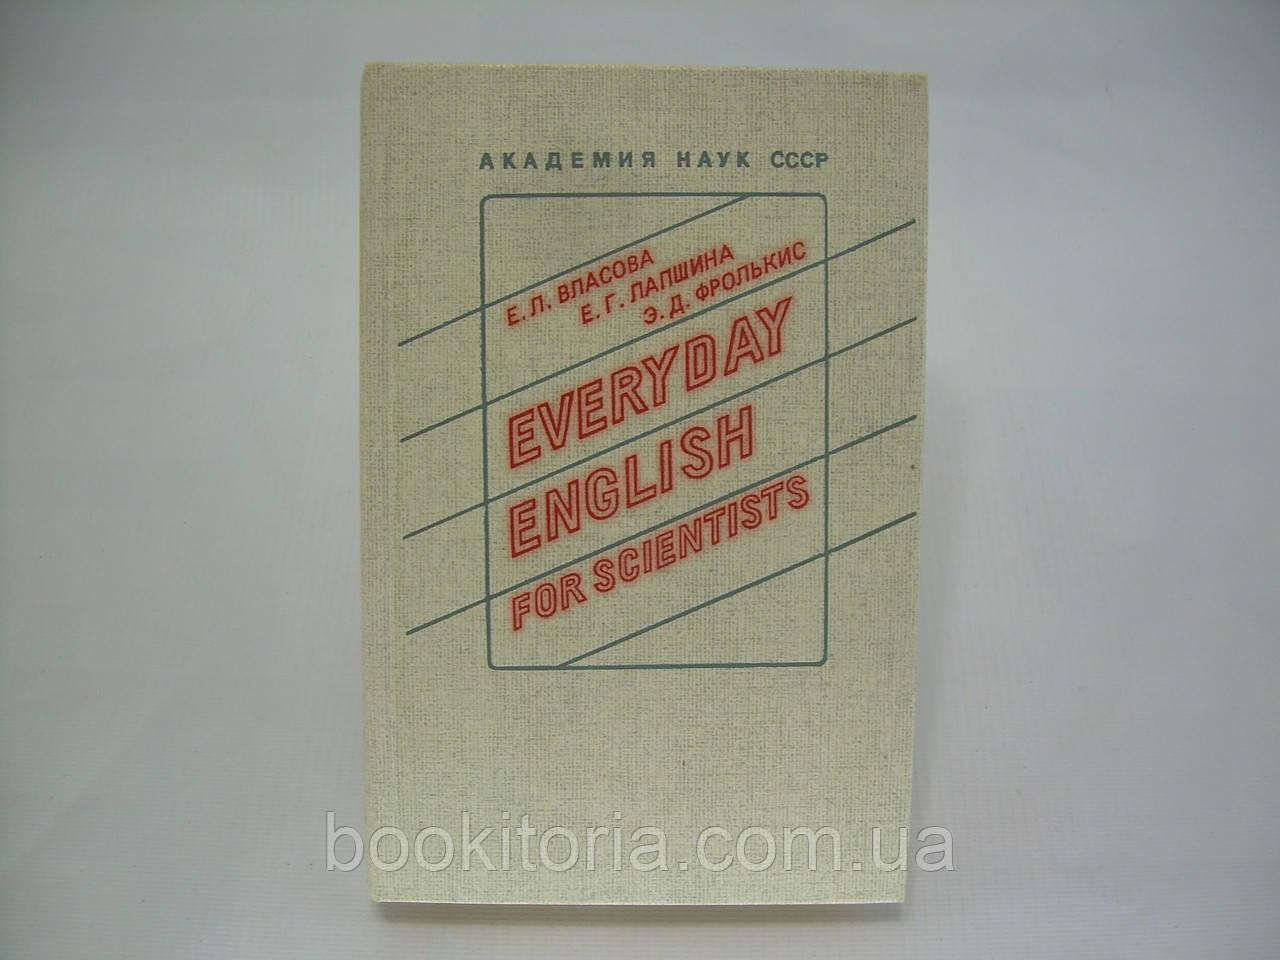 Власова Е., Лапшина Е. и др. Английский язык для ученых / Everyday English for scientists (б/у)